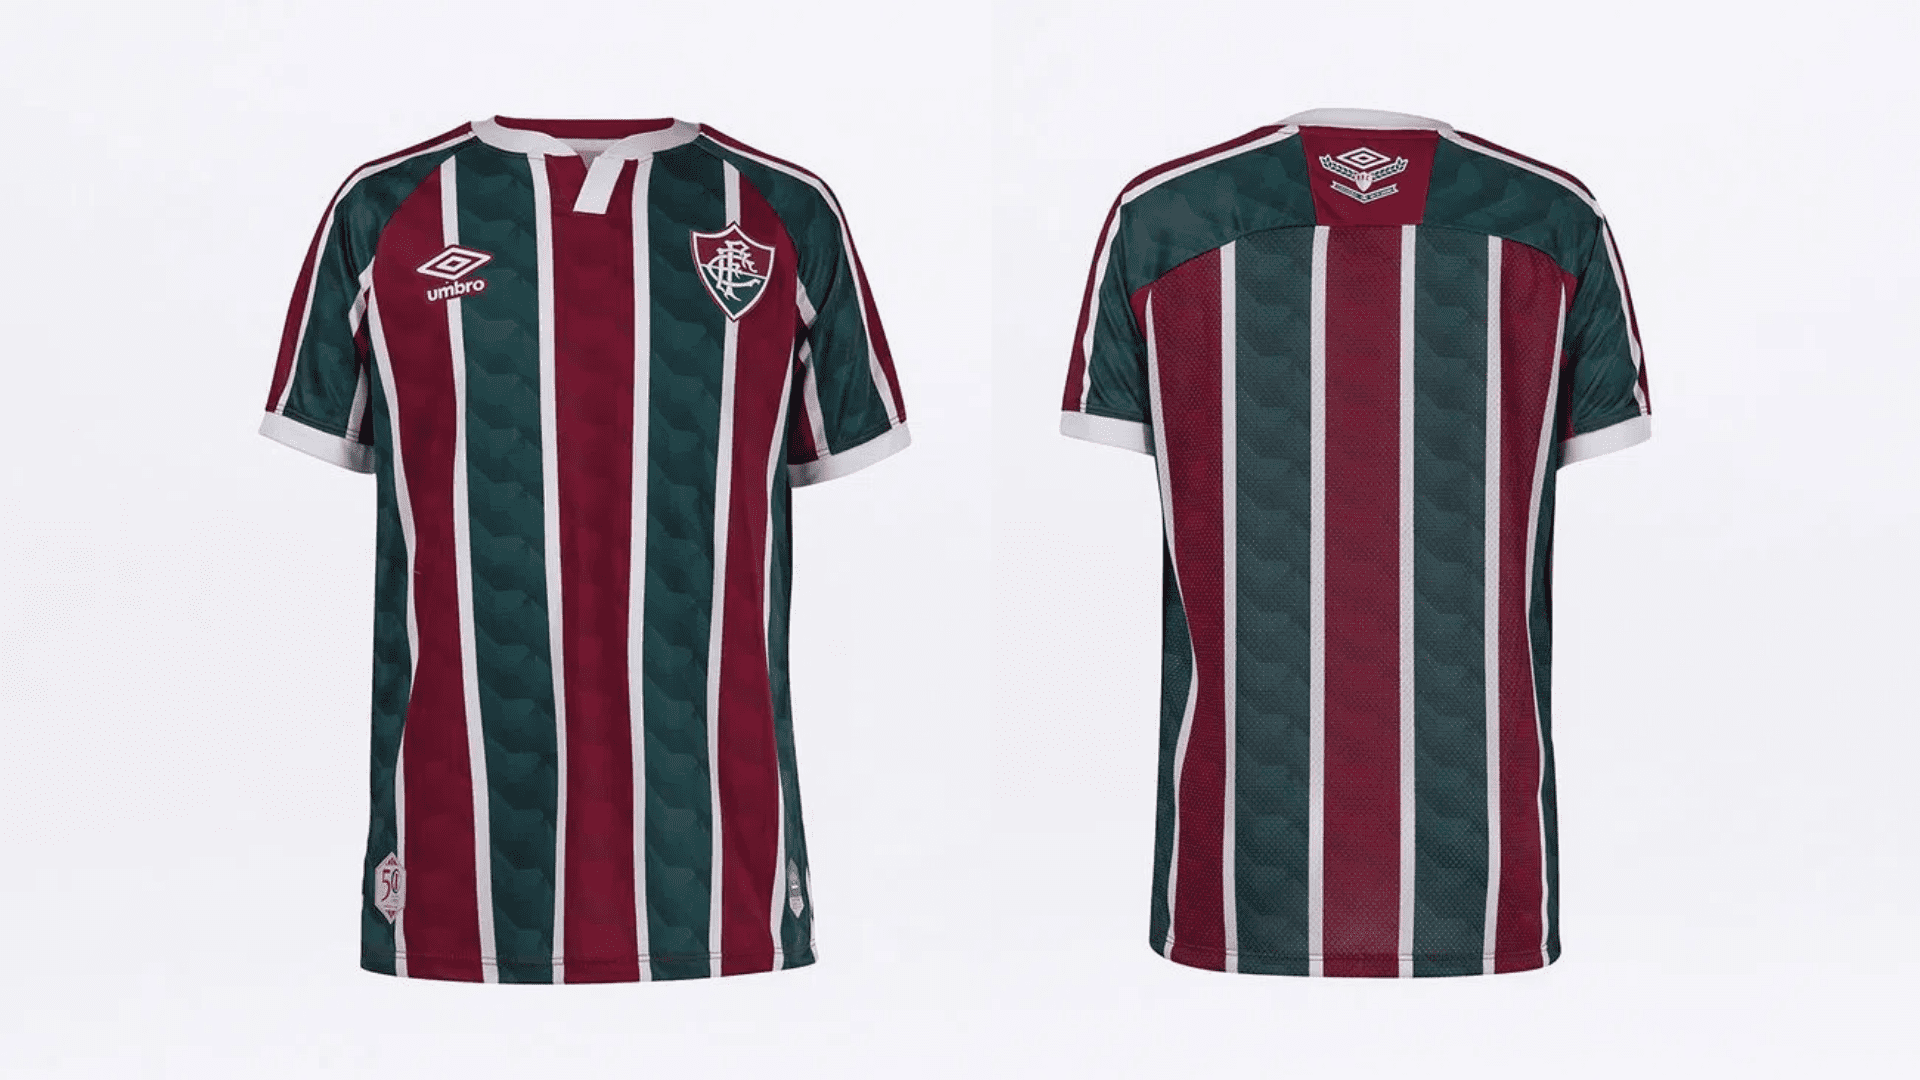 Camisa do Fluminense Infantil 2020 Umbro Jogo 1 (Imagem: Divulgação/Umbro)